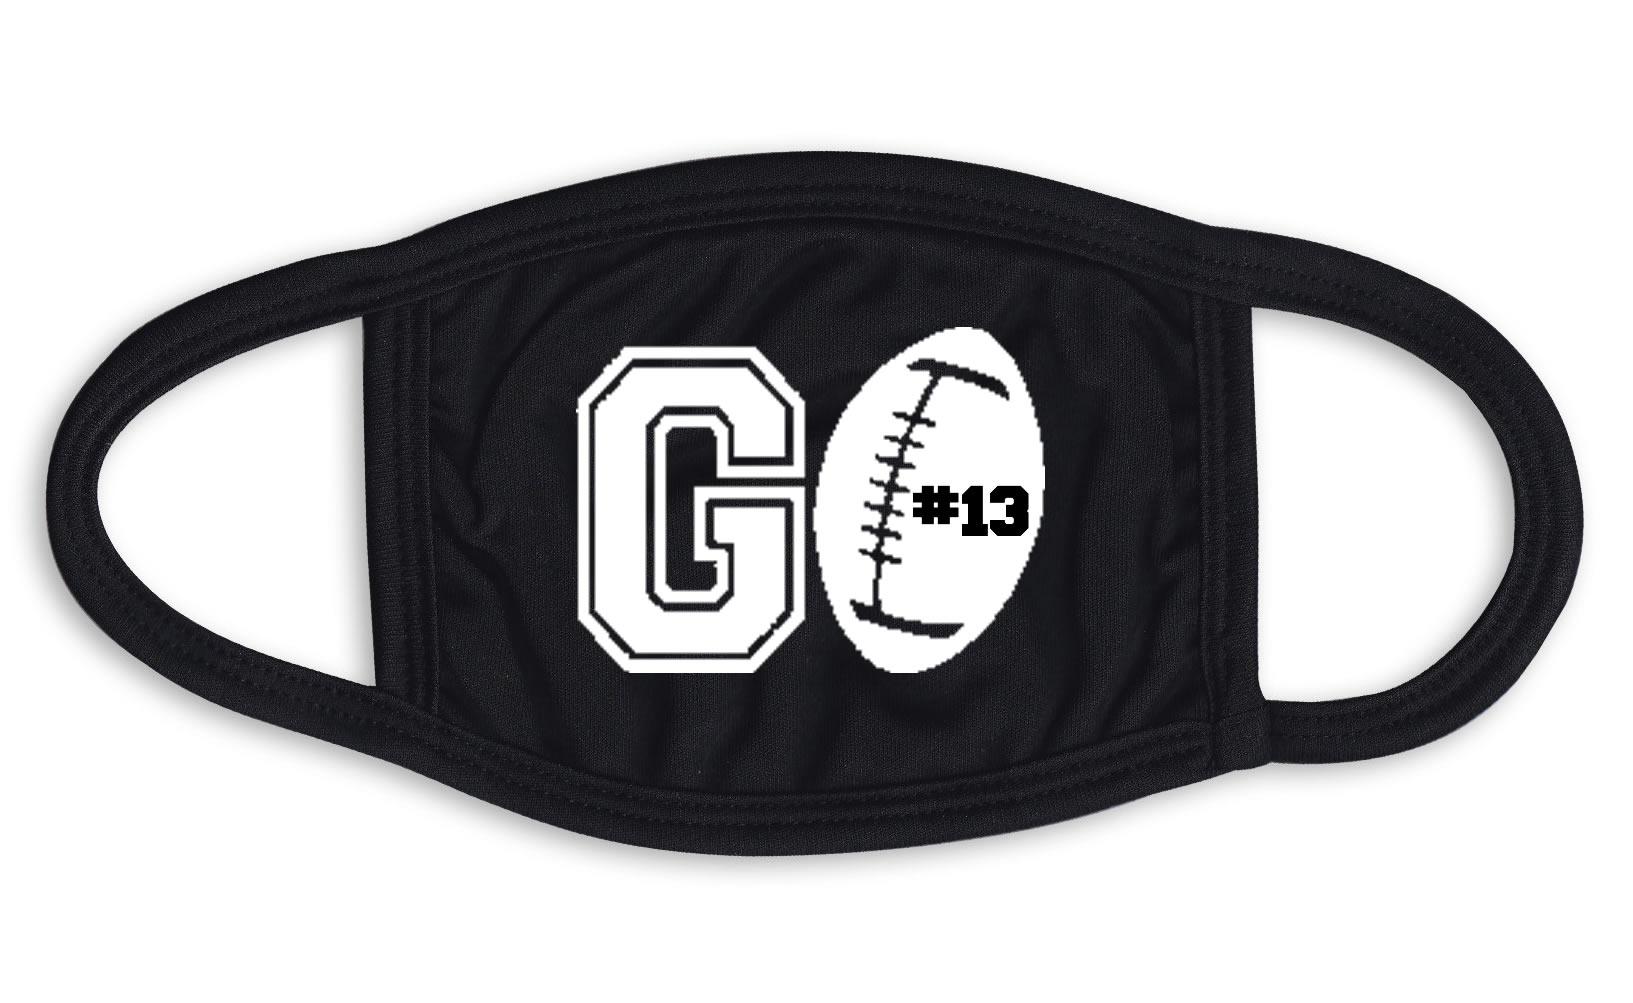 Go Football Face Mask